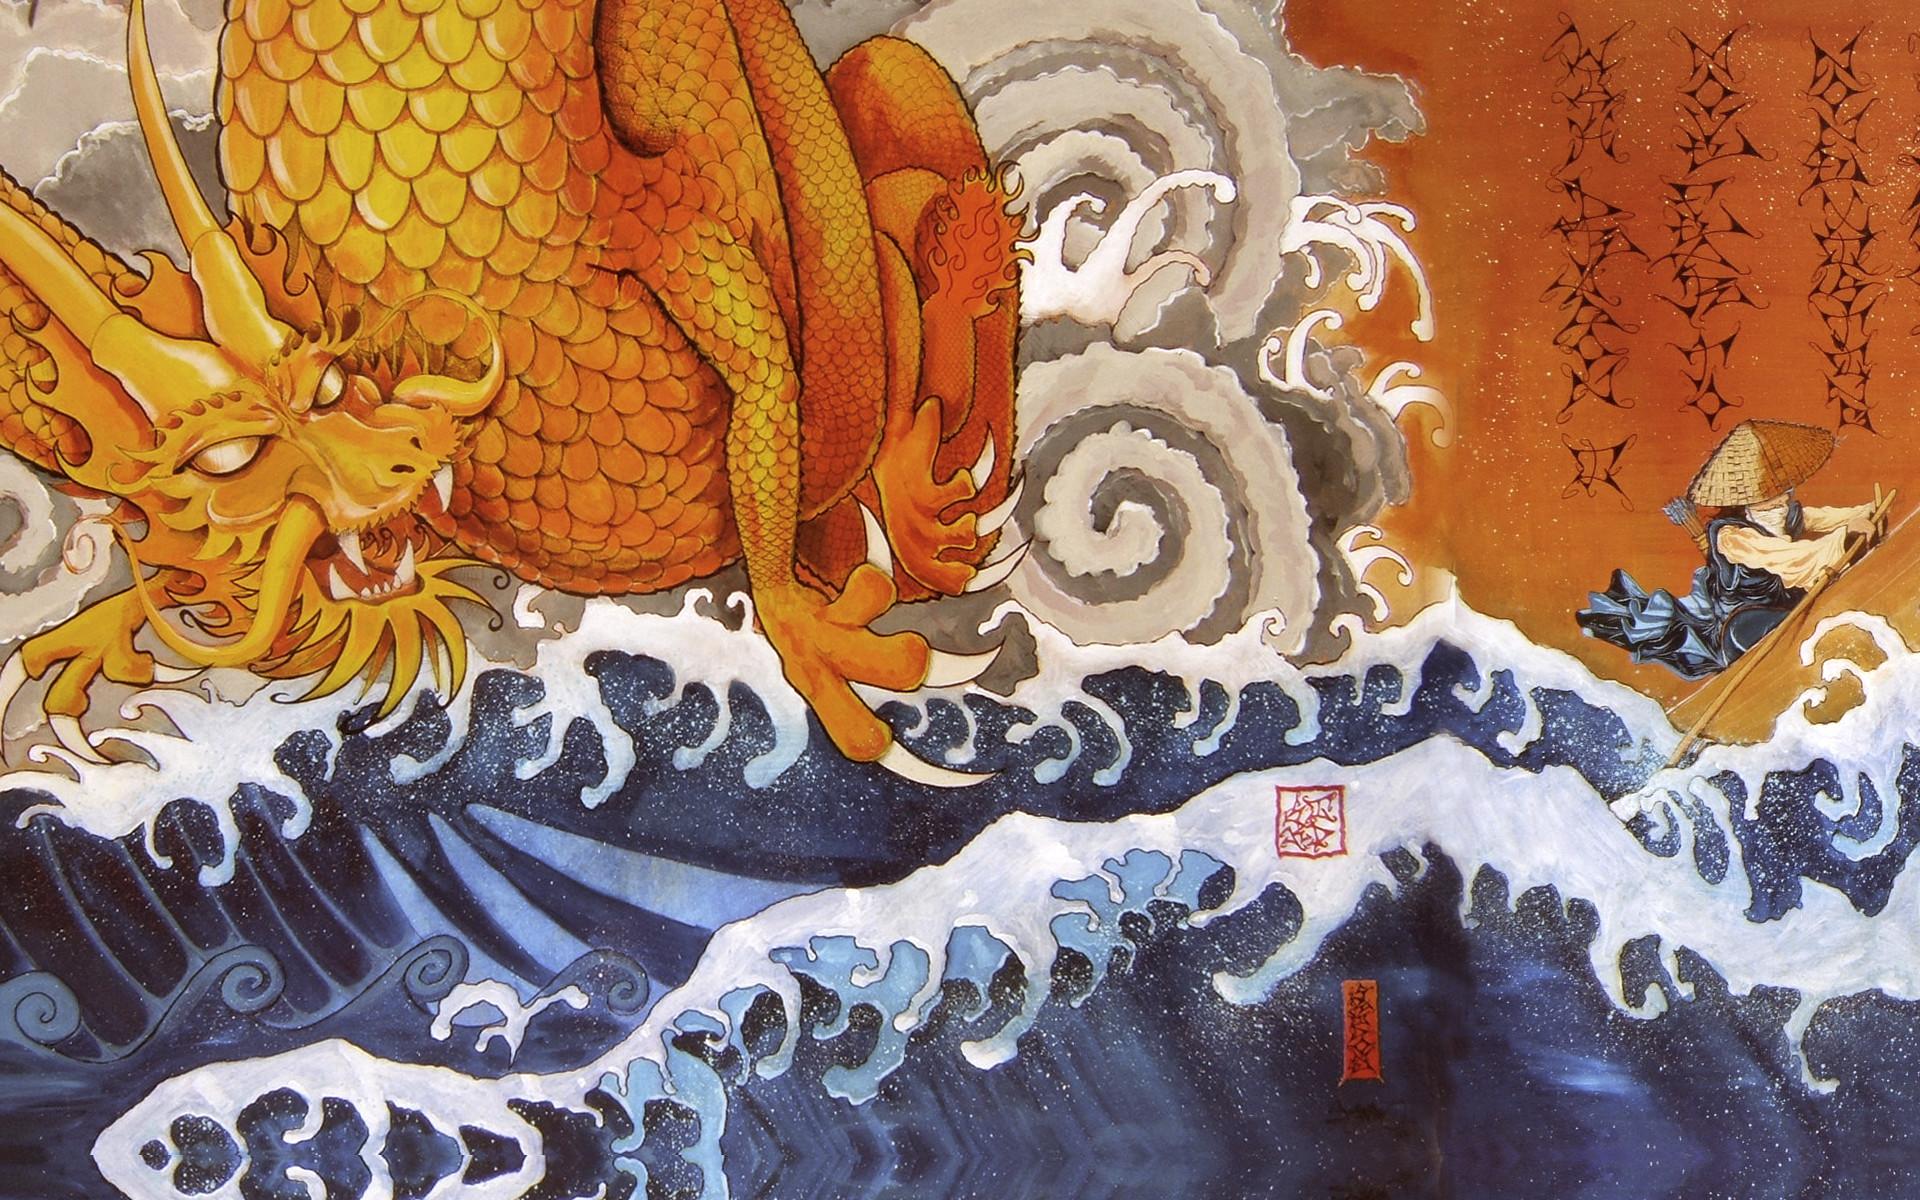 download-samurai-wallpaper-movies-images-samurai-hd-wallpaper.